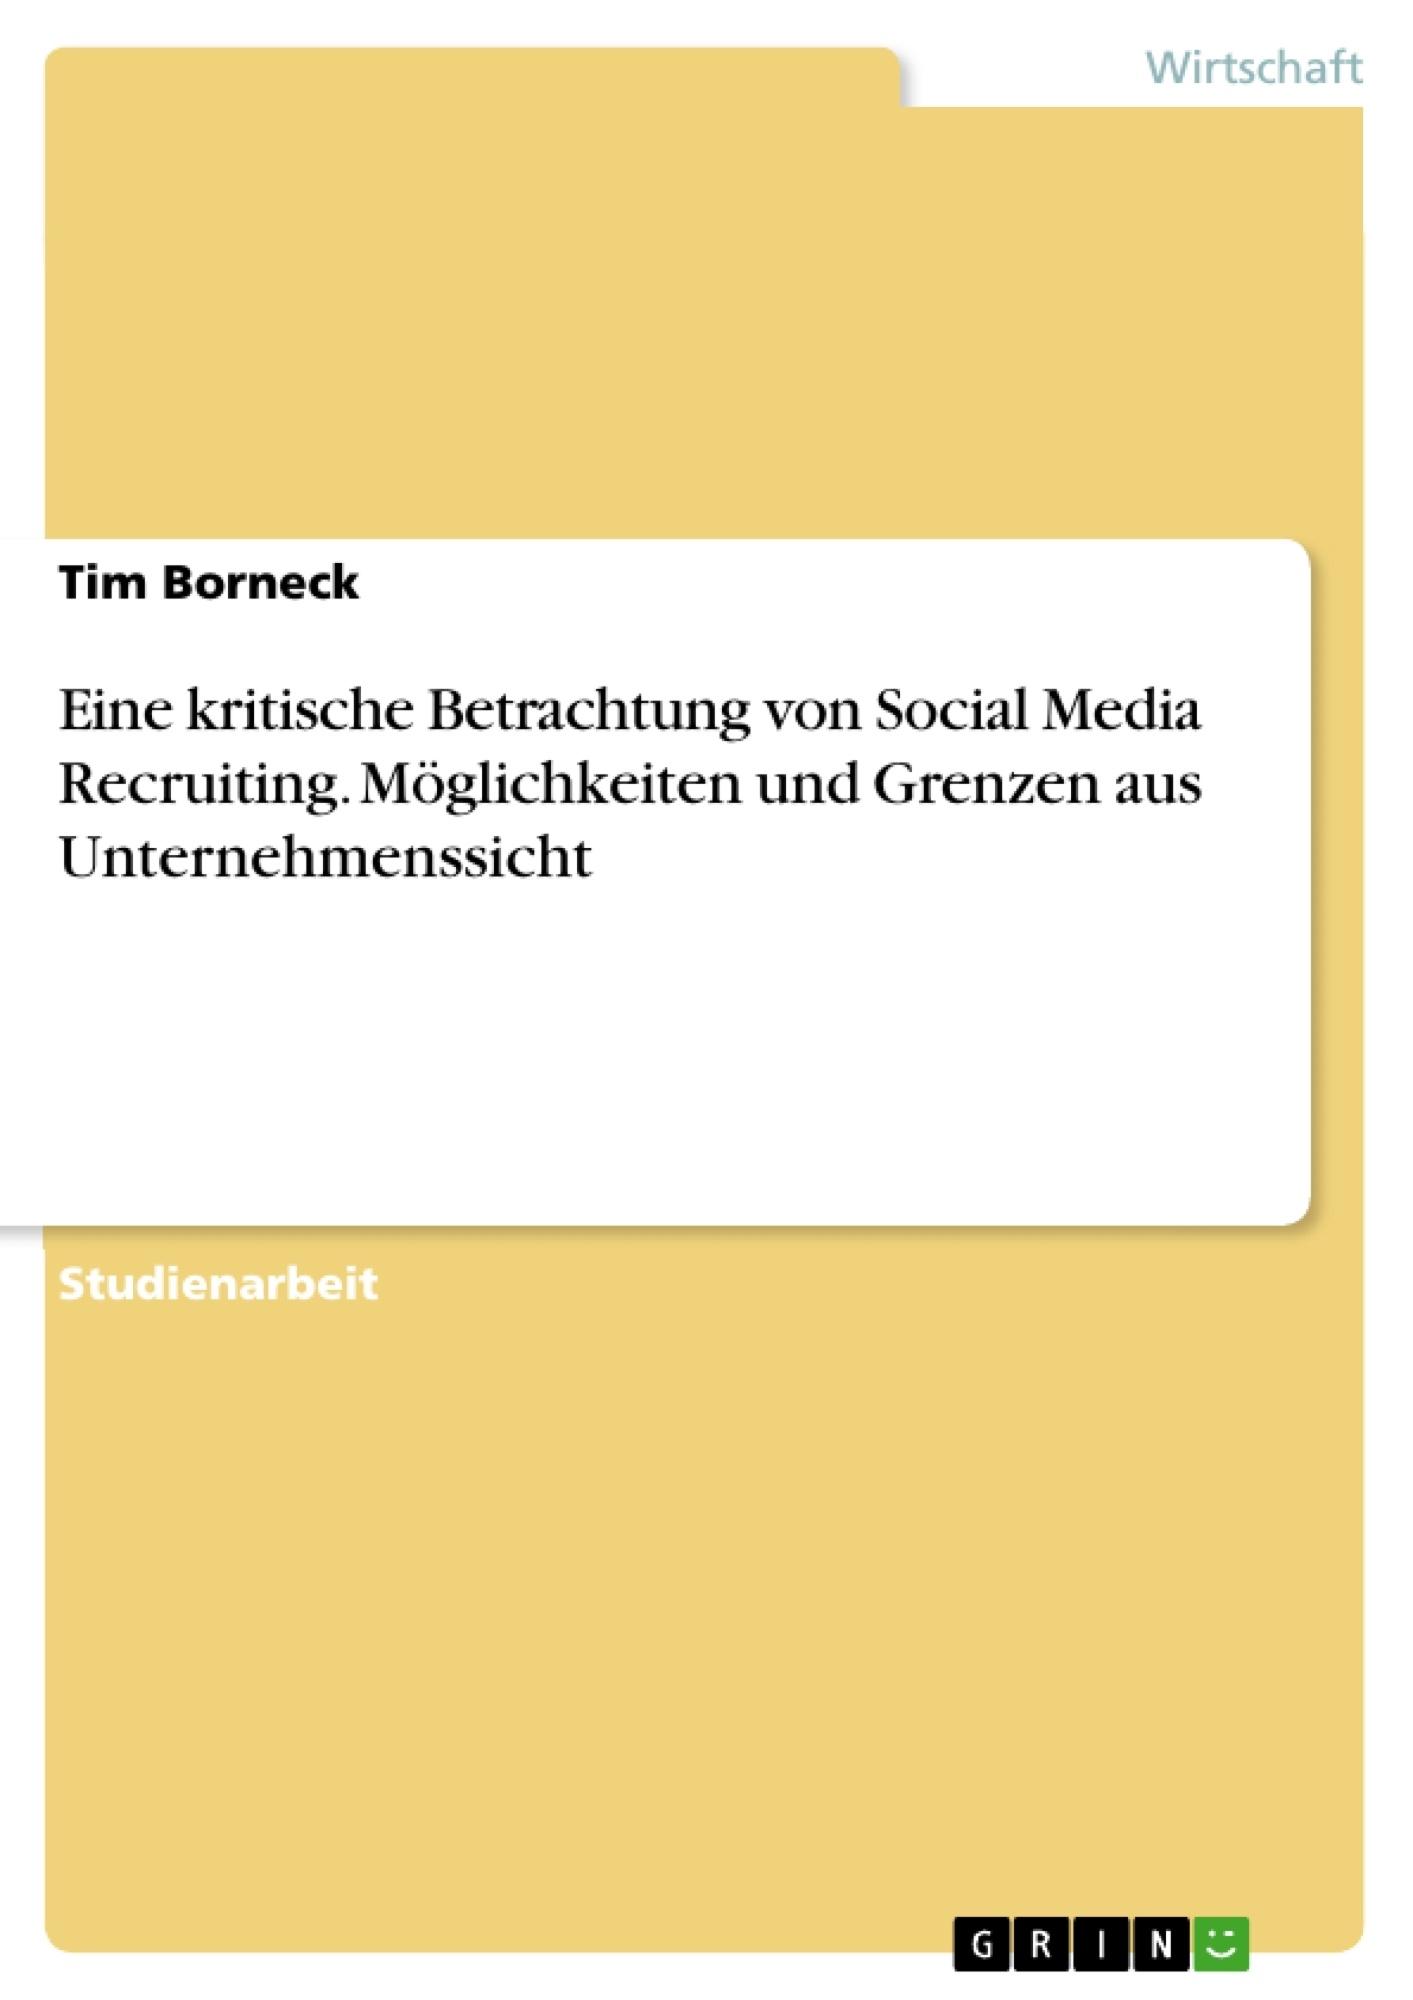 Titel: Eine kritische Betrachtung von Social Media Recruiting. Möglichkeiten und Grenzen aus Unternehmenssicht